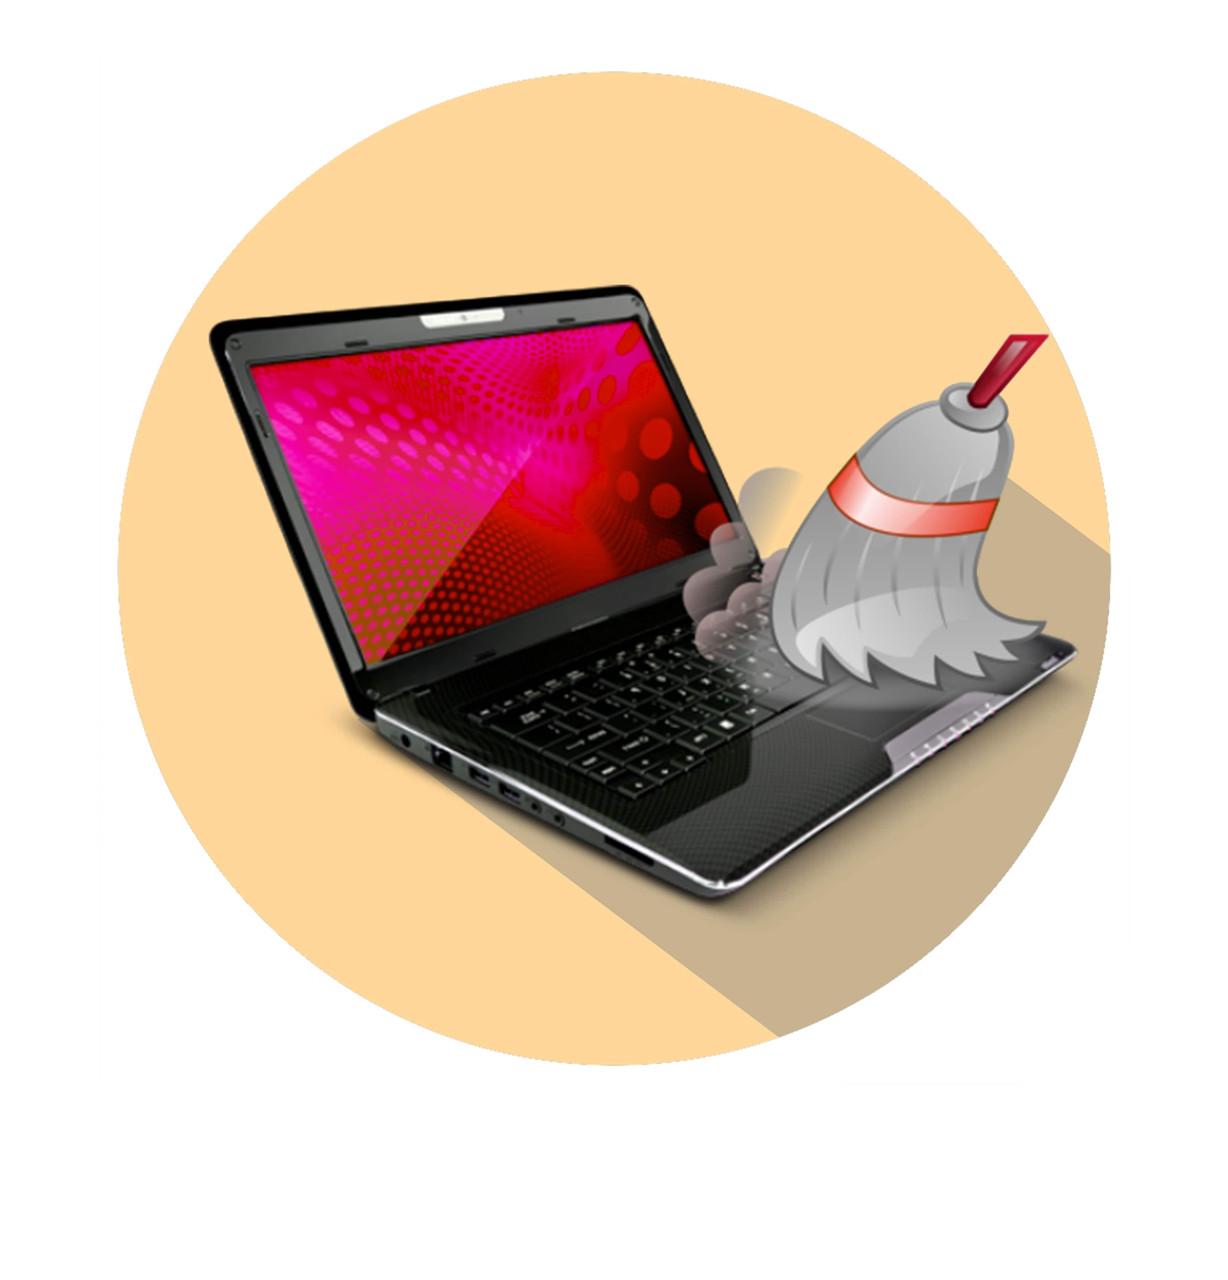 Фото - Как часто надо чистить компьютер от пыли?